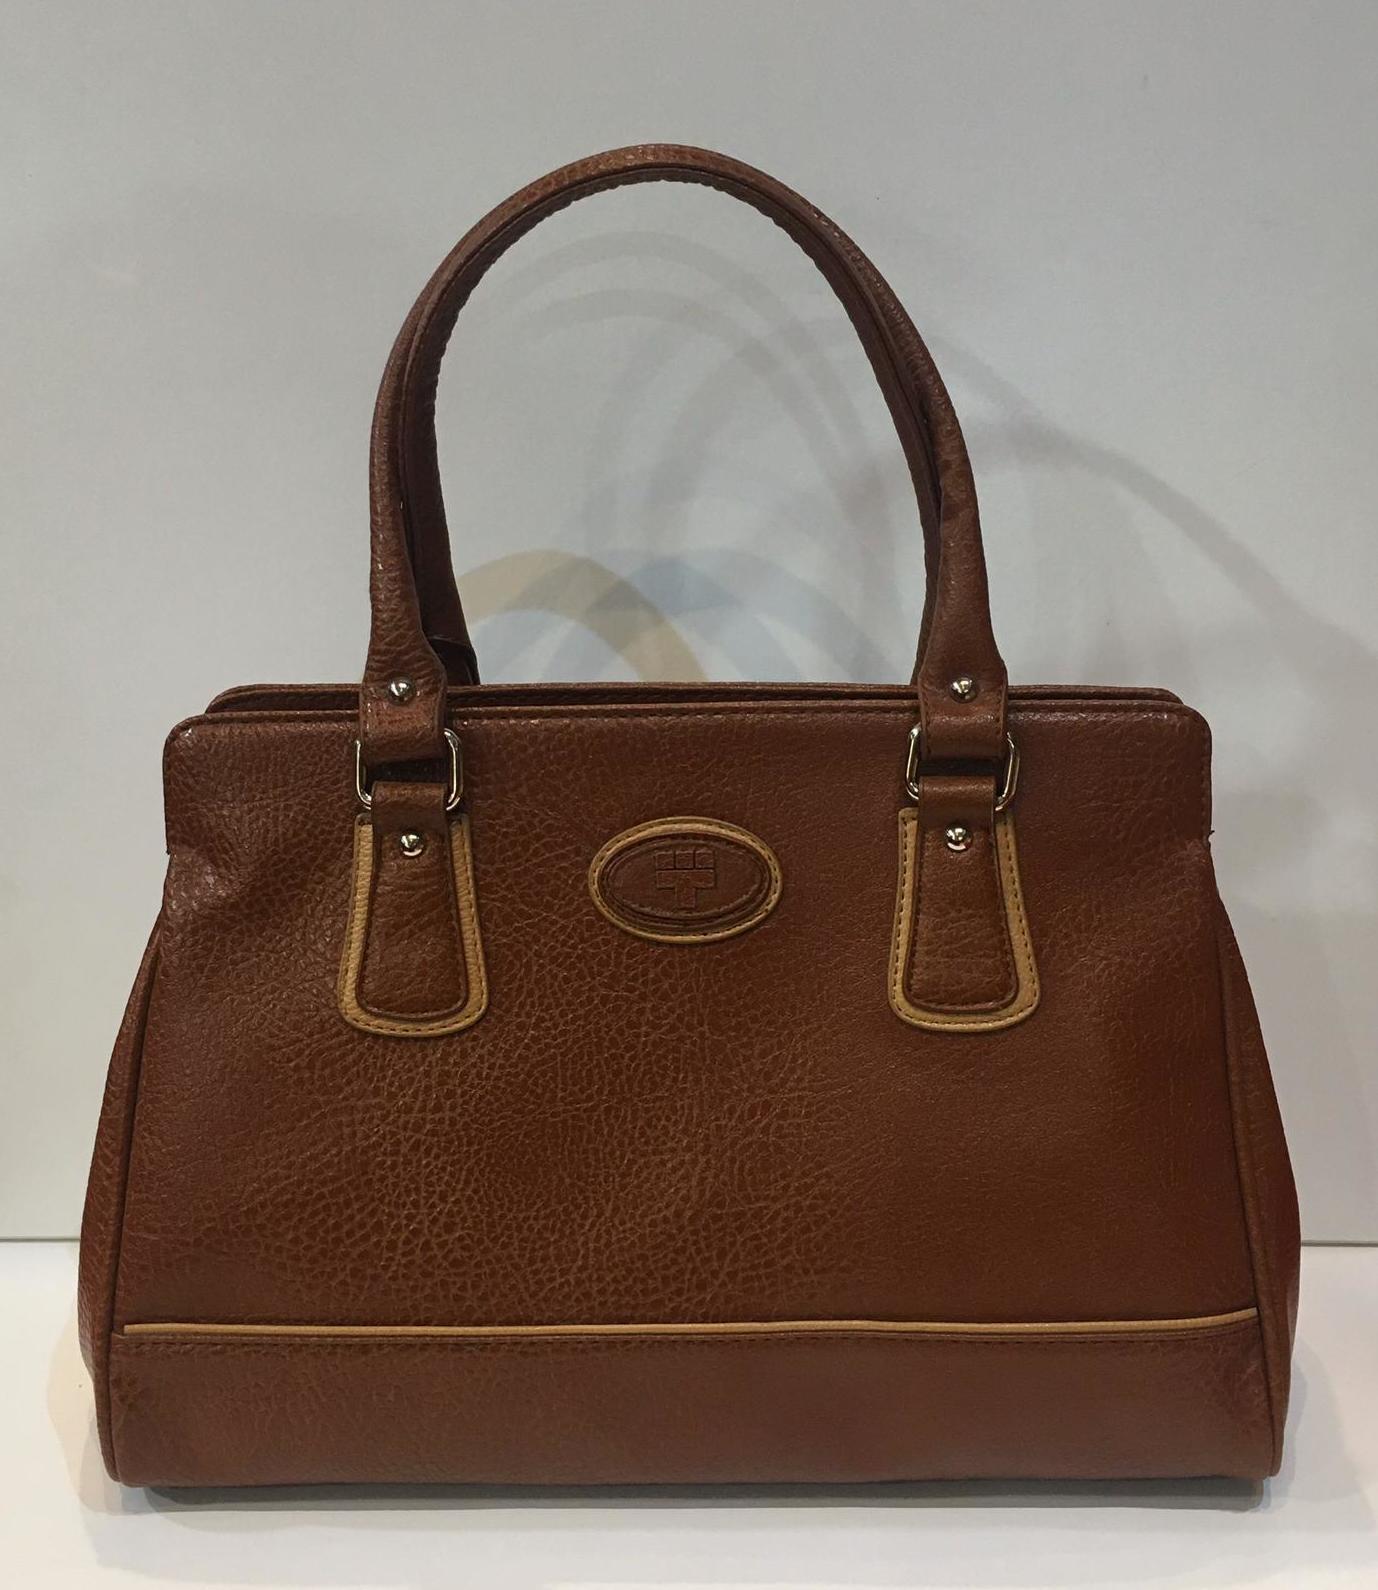 Bossa de la marca Torrens, amb triple compartiment interior, doble nansa de mà i tira llarga per creuar adaptable a totes les mides 47.50€